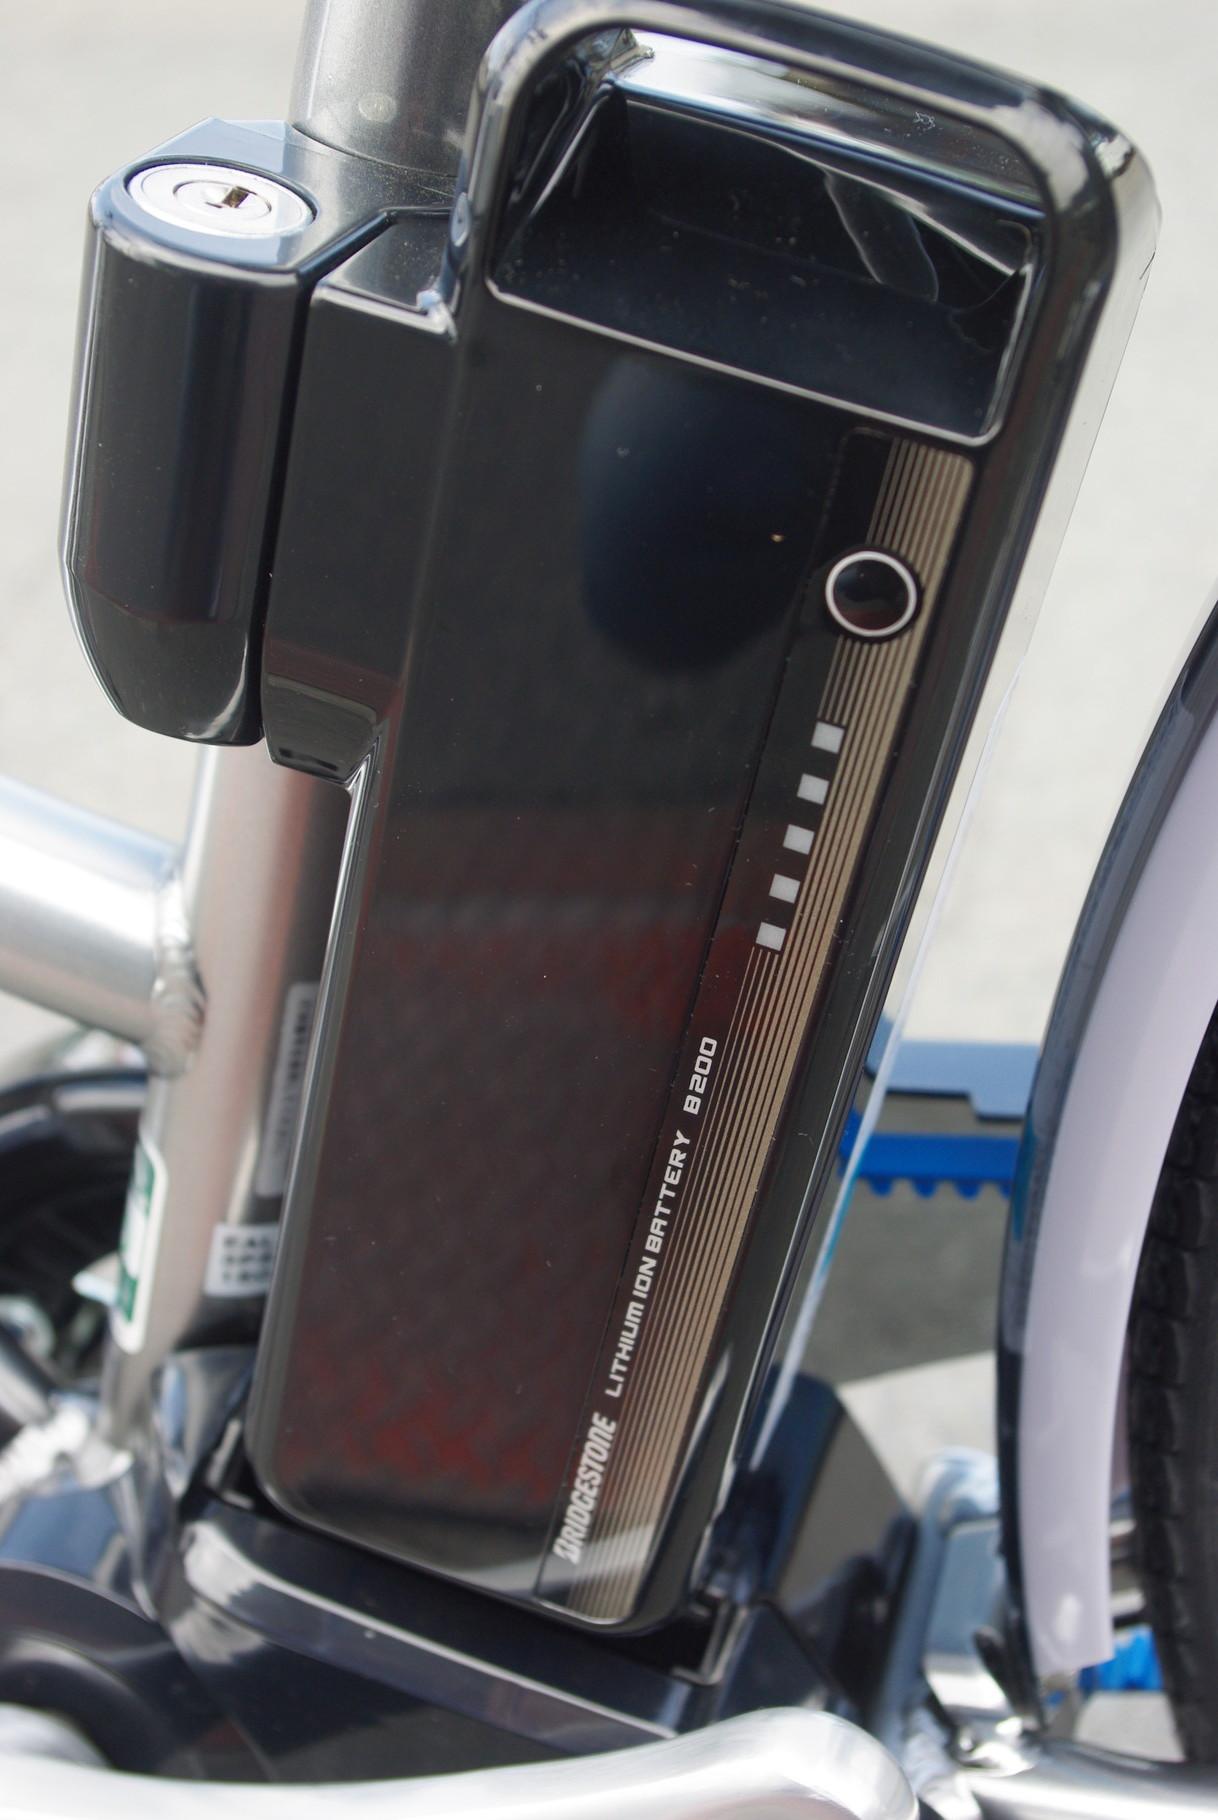 リチウムイオンバッテリー『B200』 国内では珍しい36Vのバッテリーを採用し、バッテリー本体への負担を軽減。耐久性に優れ、充電時間も短いのが特徴です。6.2Ah表記になりますが、総電力量では8.7Ahと同等です。